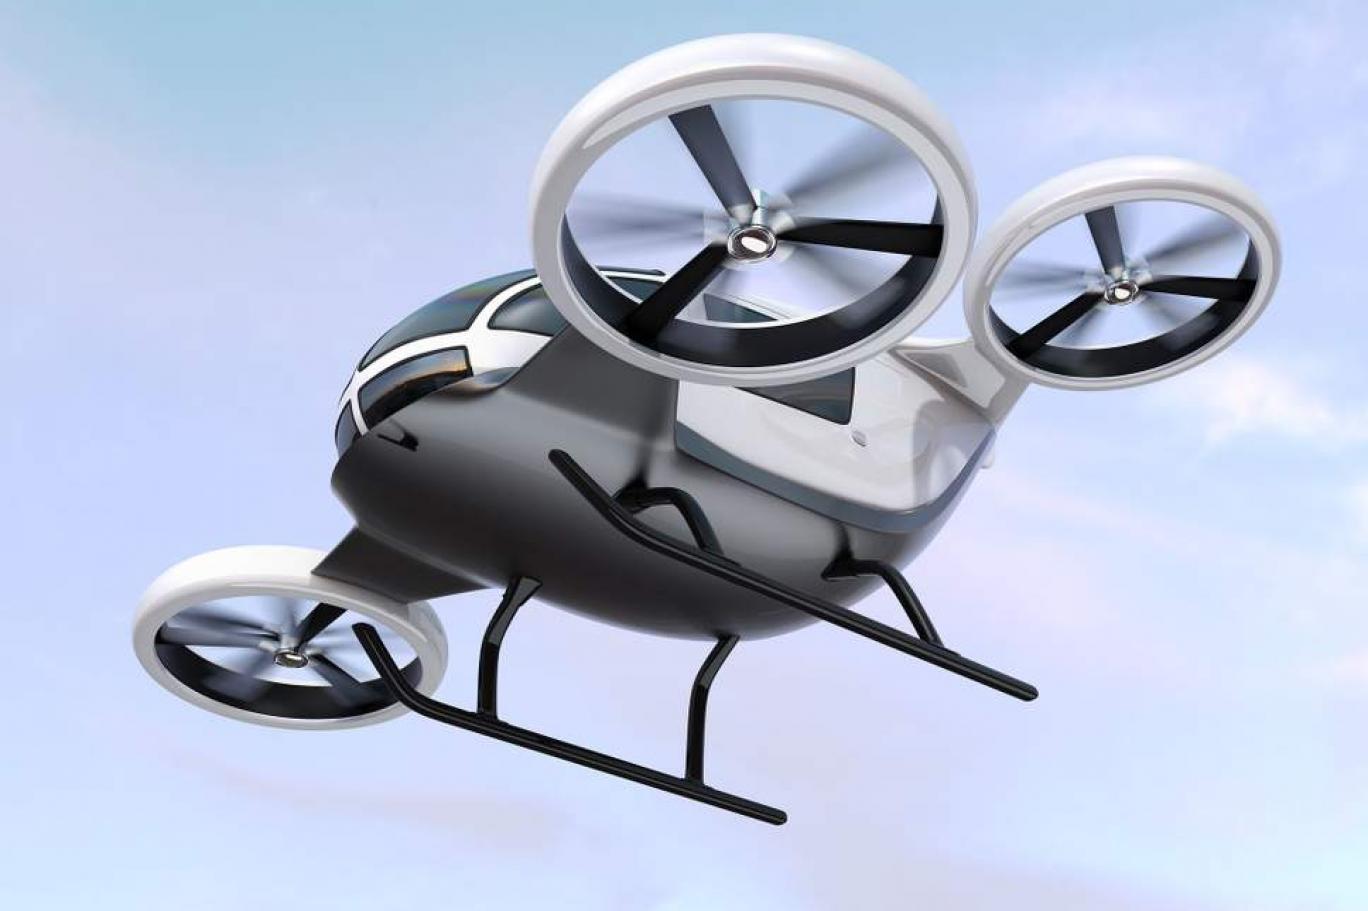 سيارات طائرة تحلِّق في أجواء المستقبل